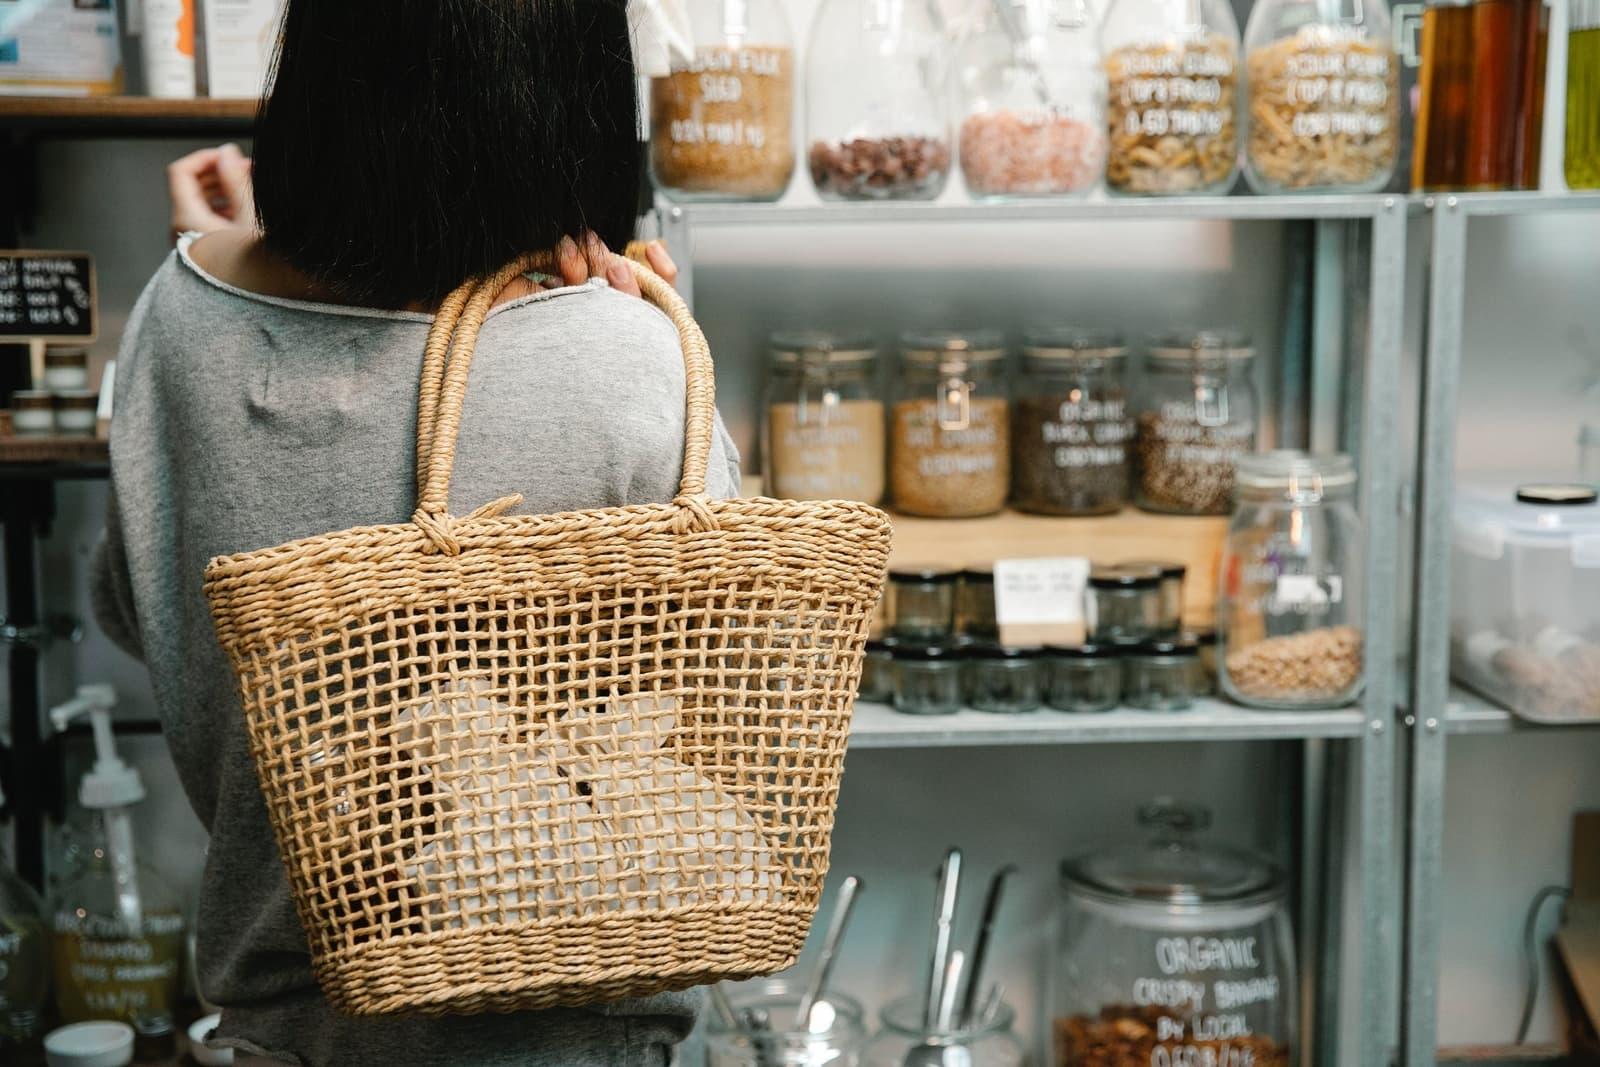 consumer shopping for bulk items